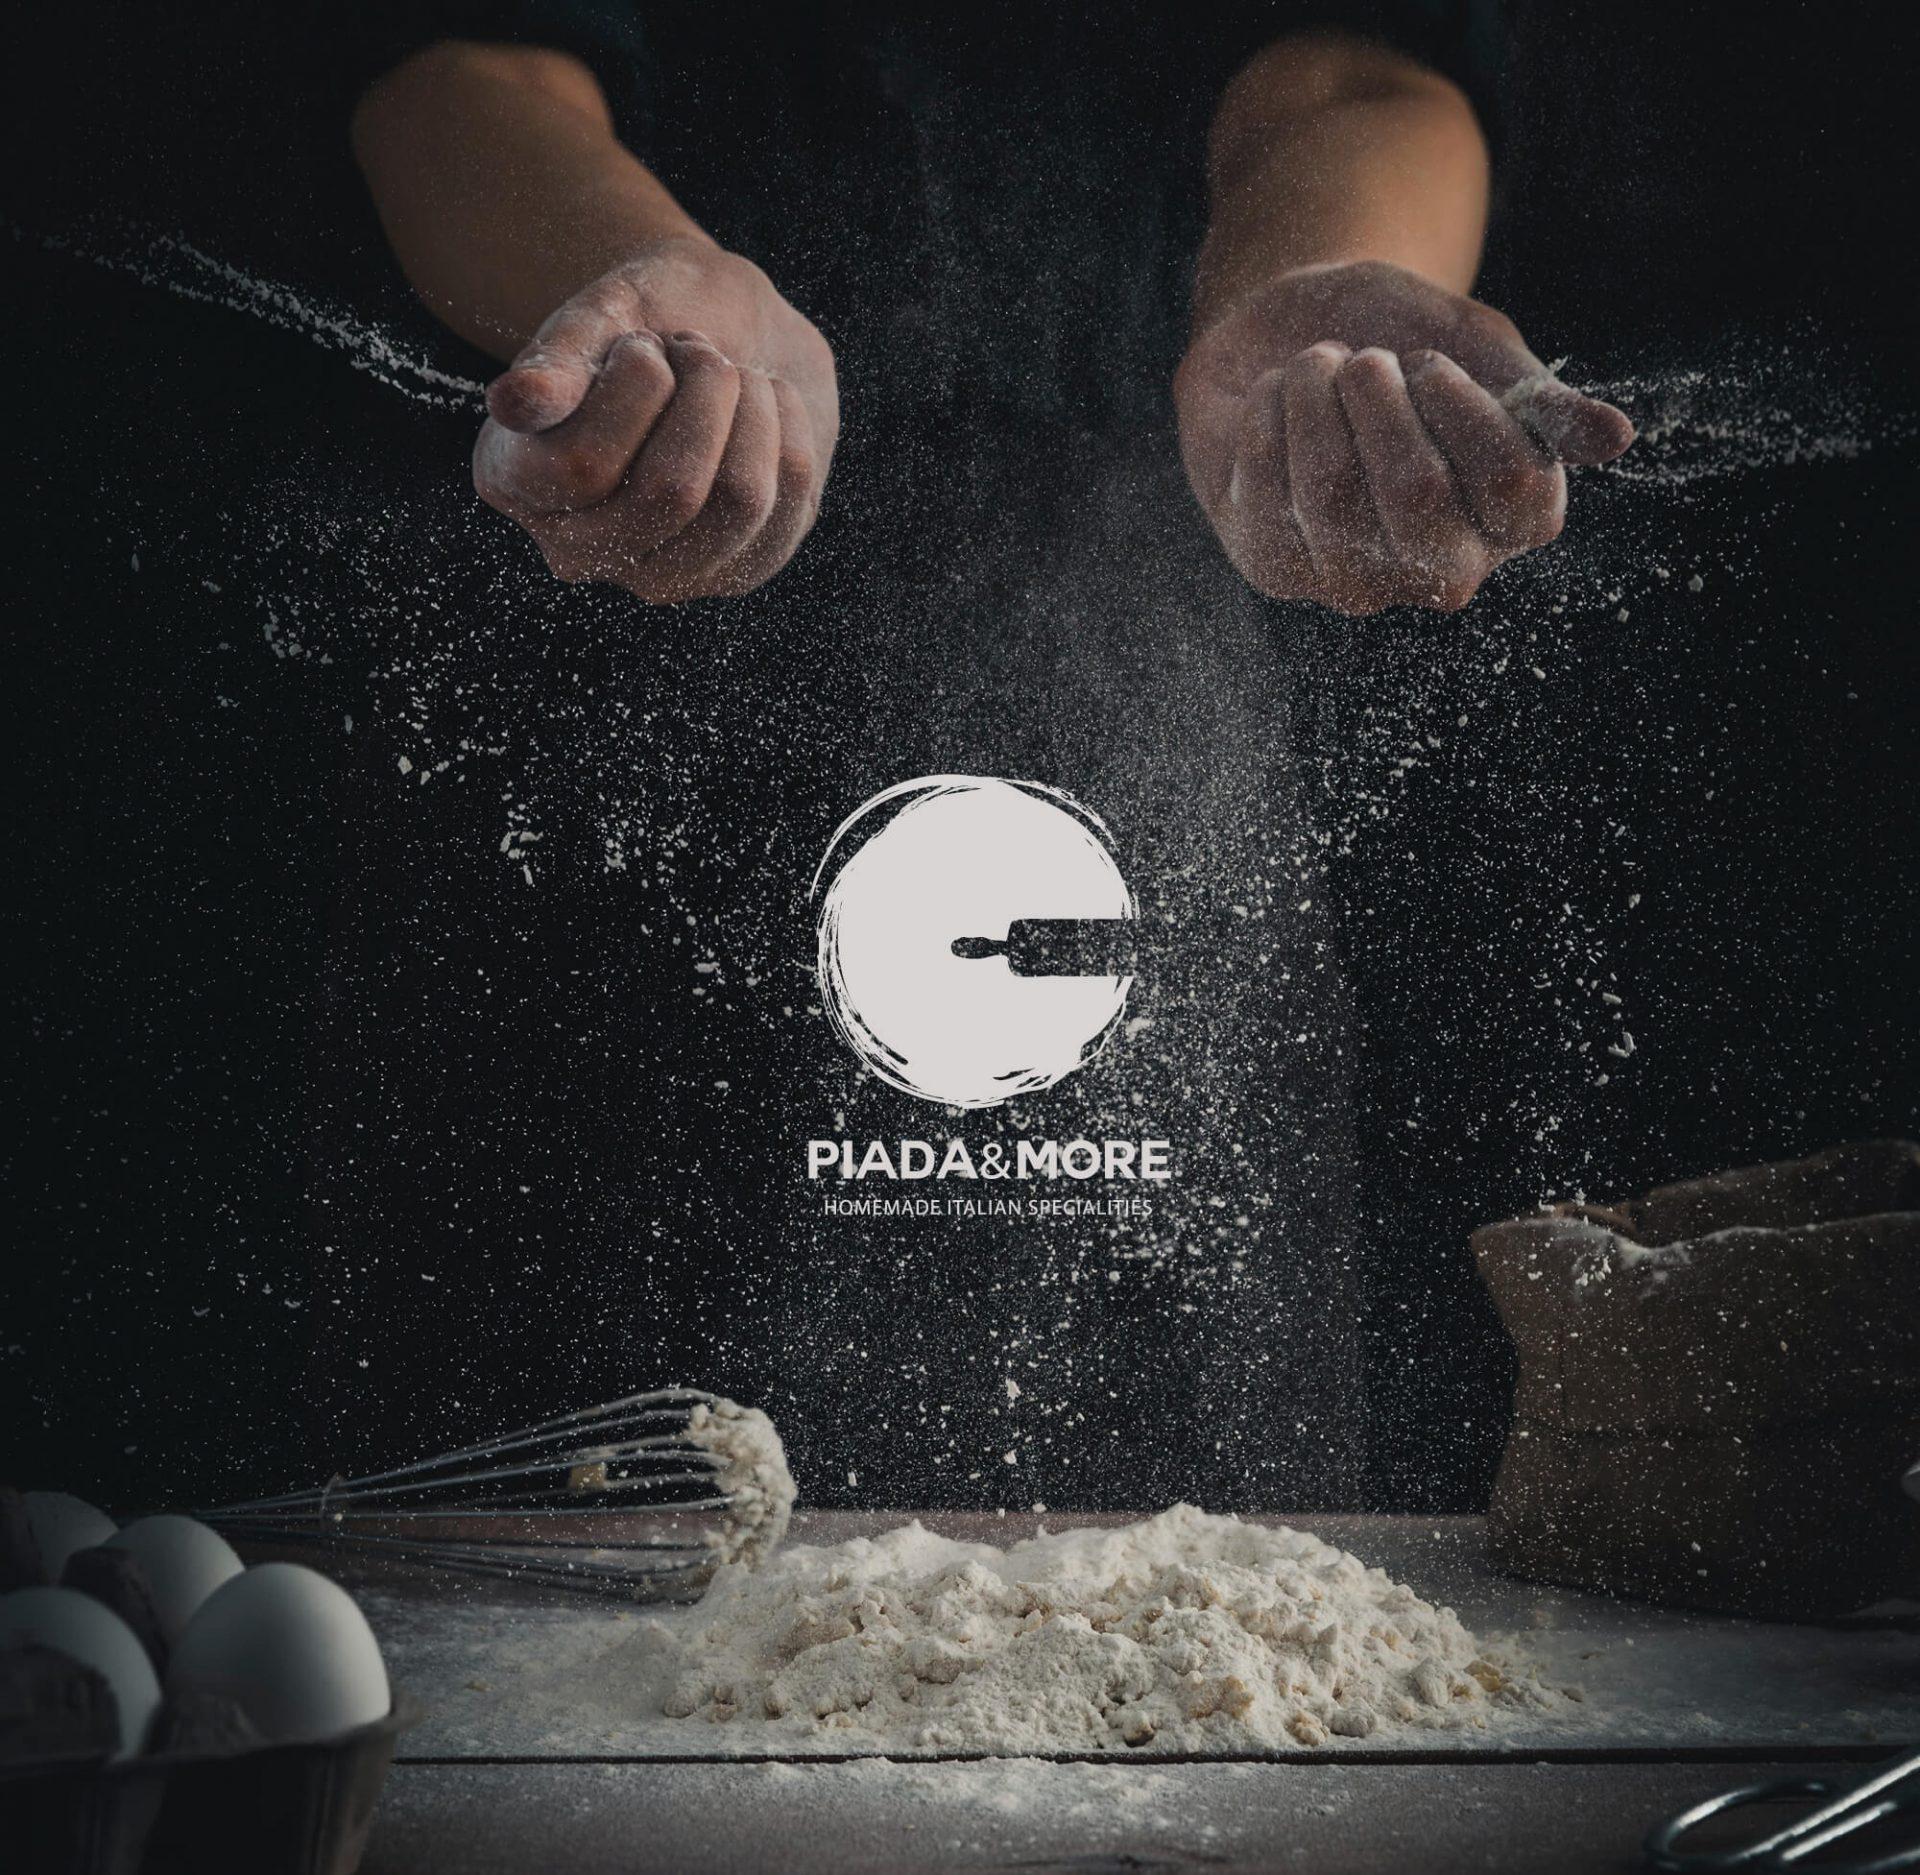 progetto del marchio e brand identity per ristorante, creato da diadestudio agenzia grafica arco trento